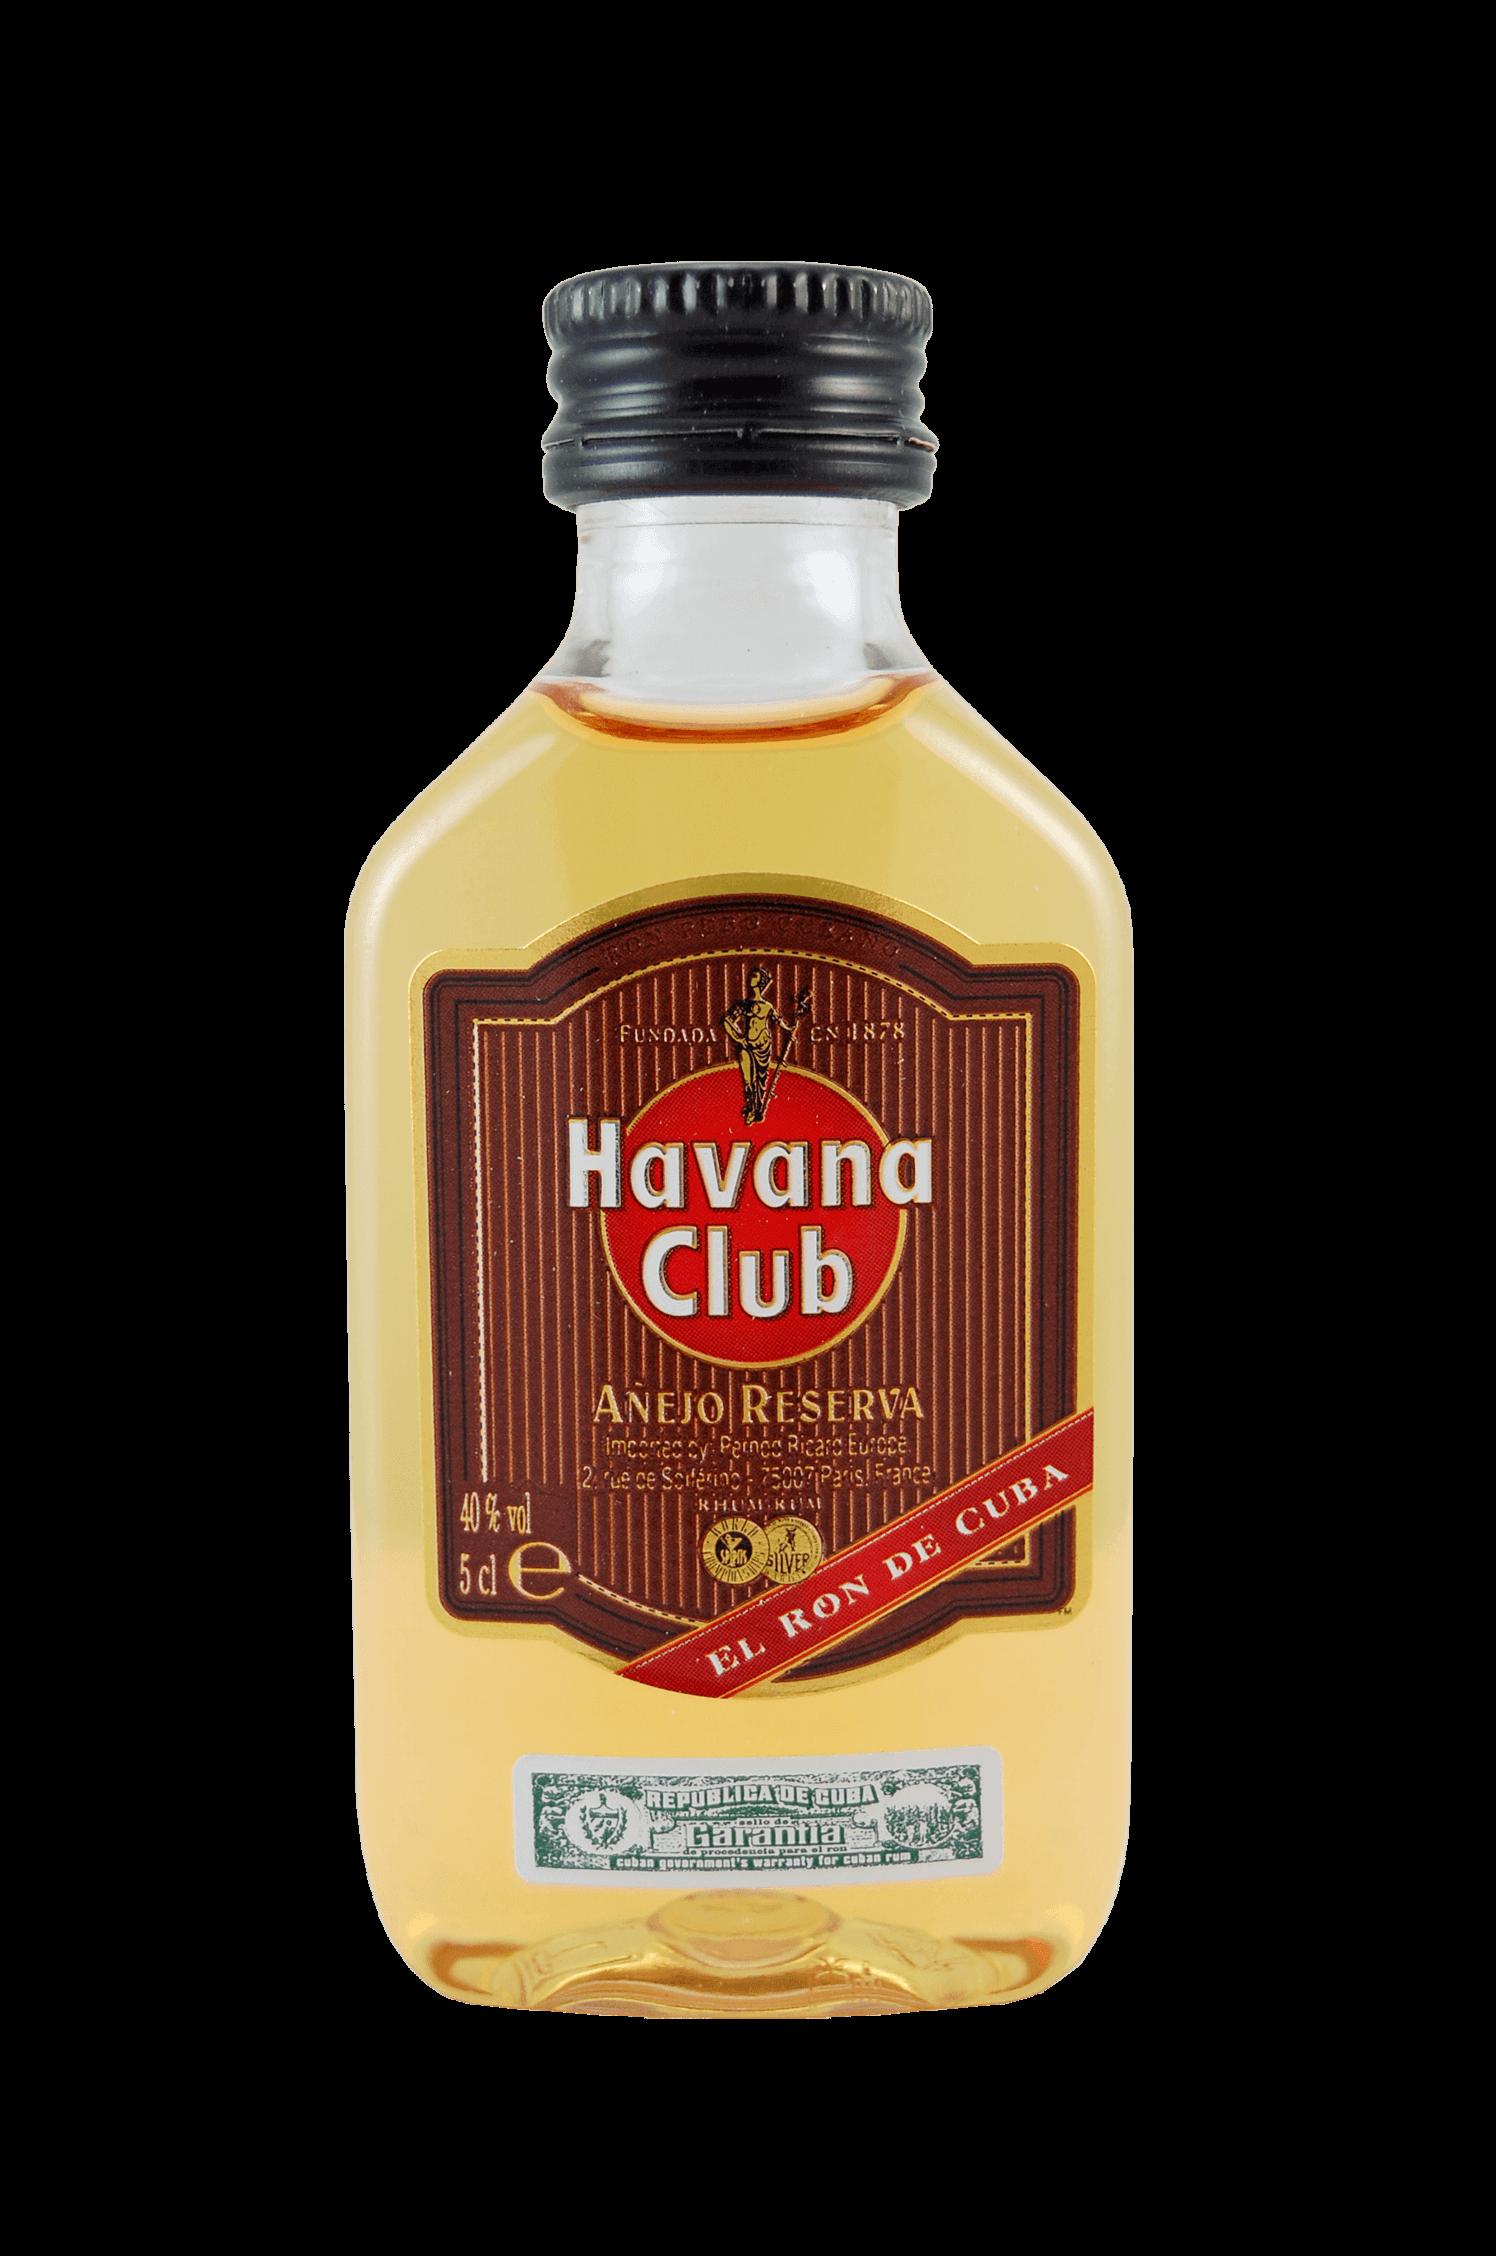 Havana Club Aňejo Reserva